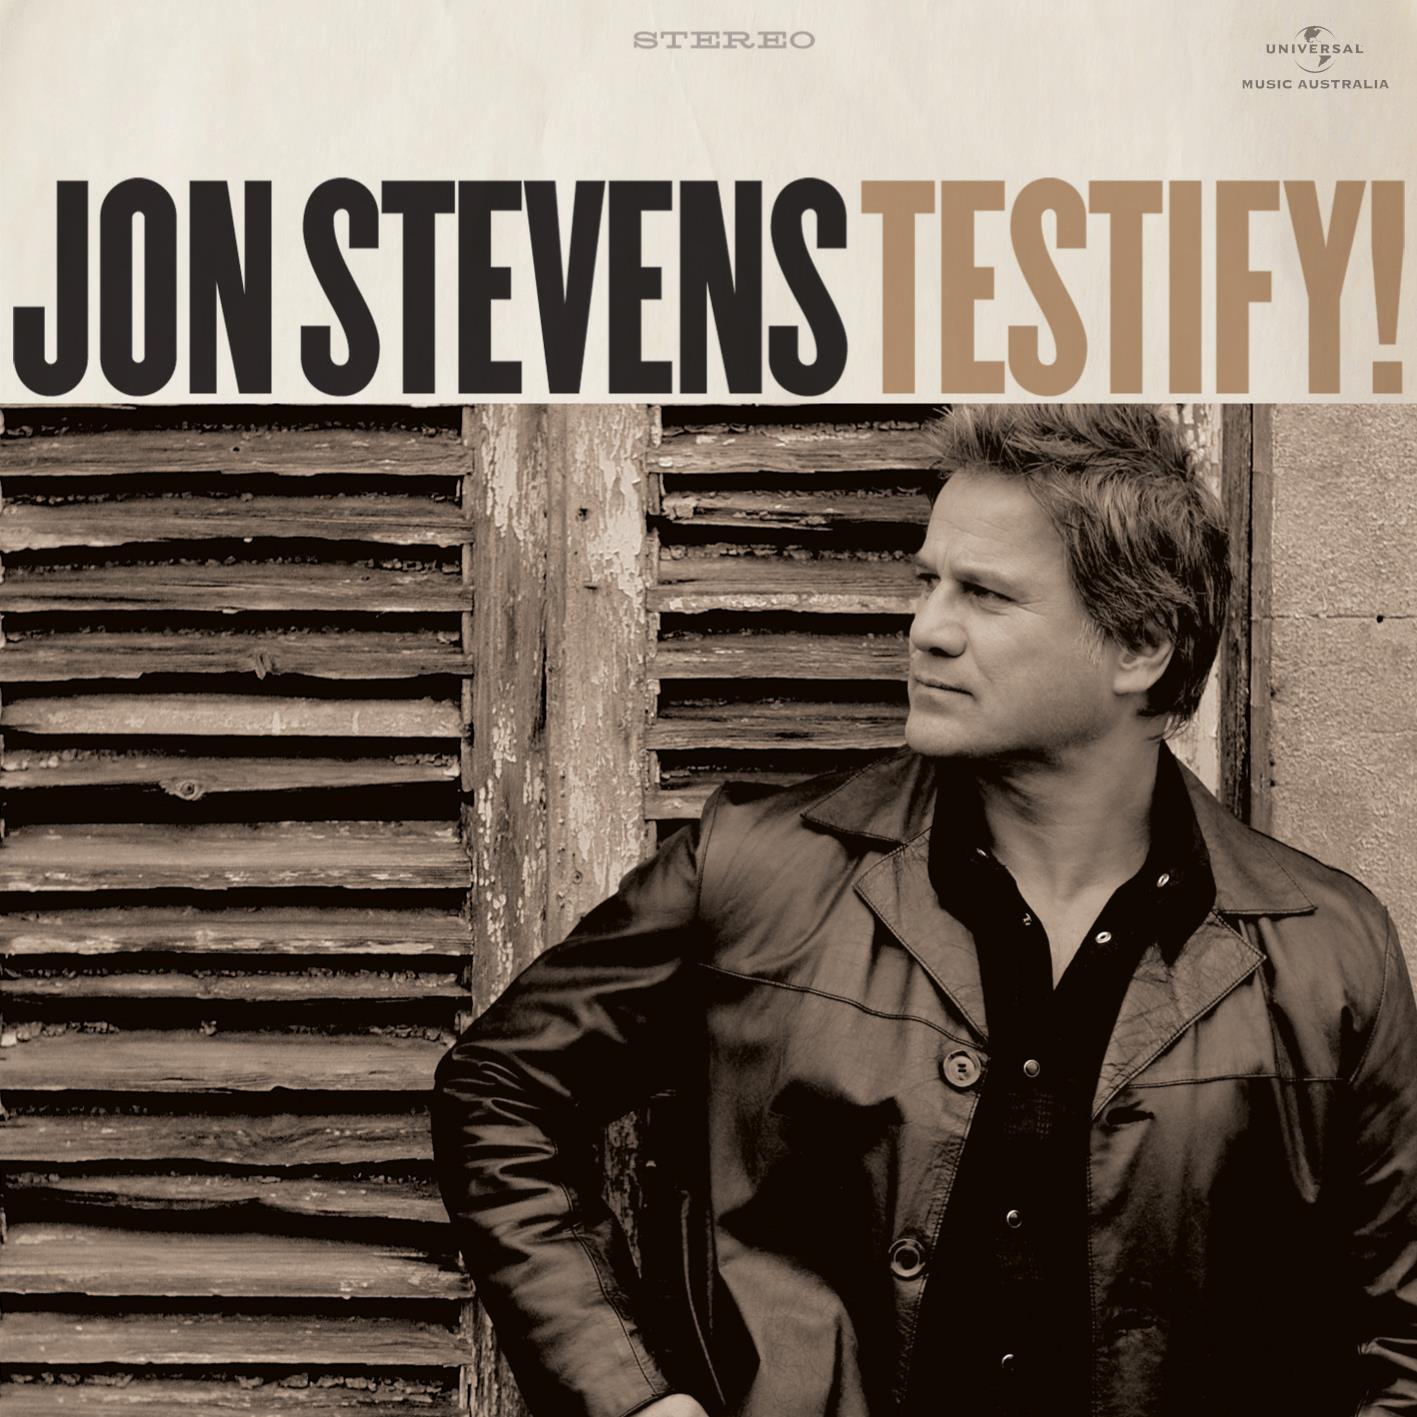 Jon Stevens to release 'Testify!' on 11/11/11